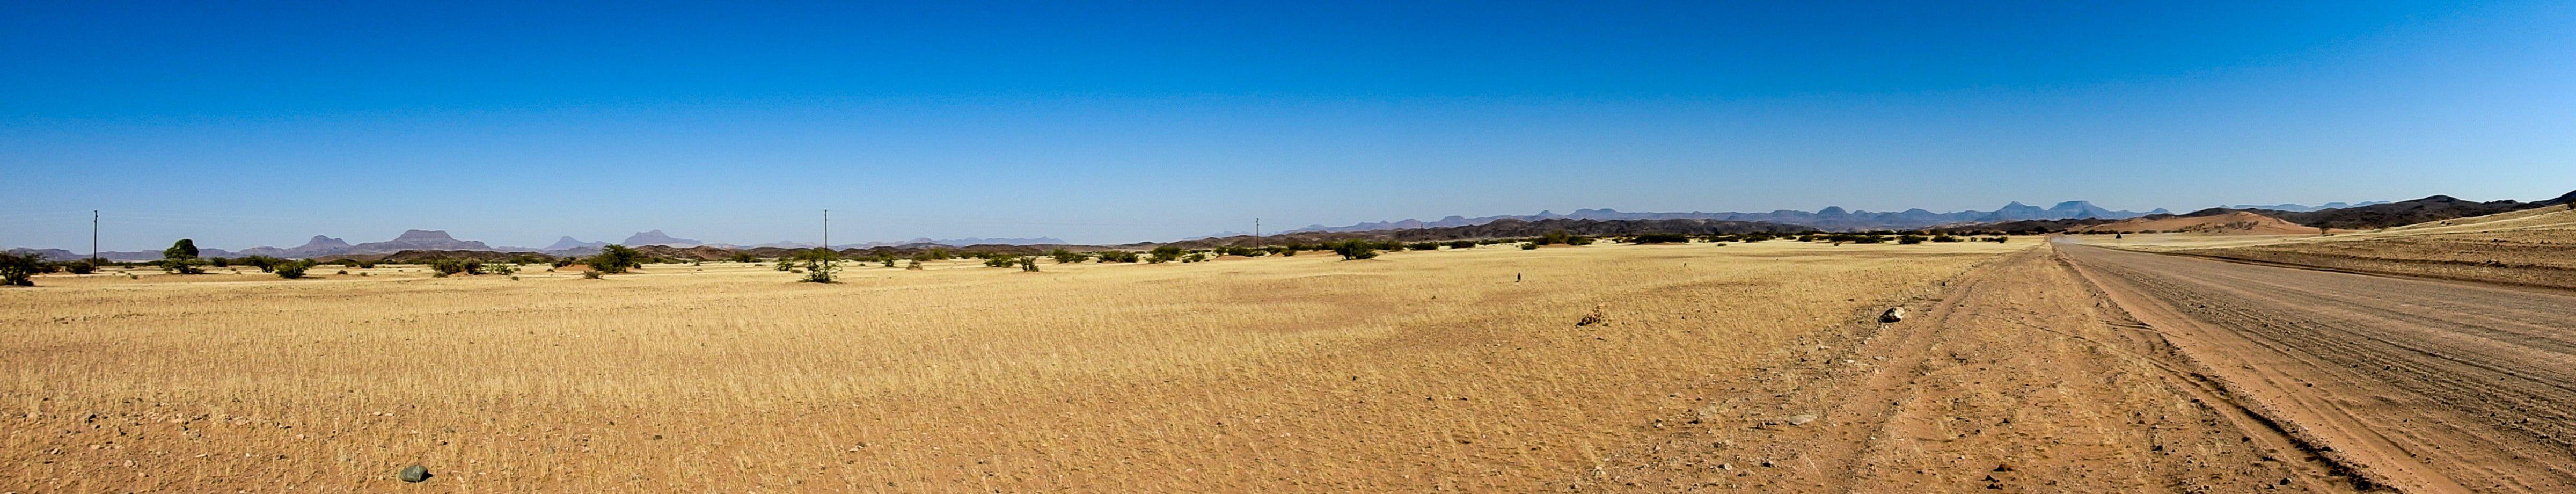 Namibia-C43